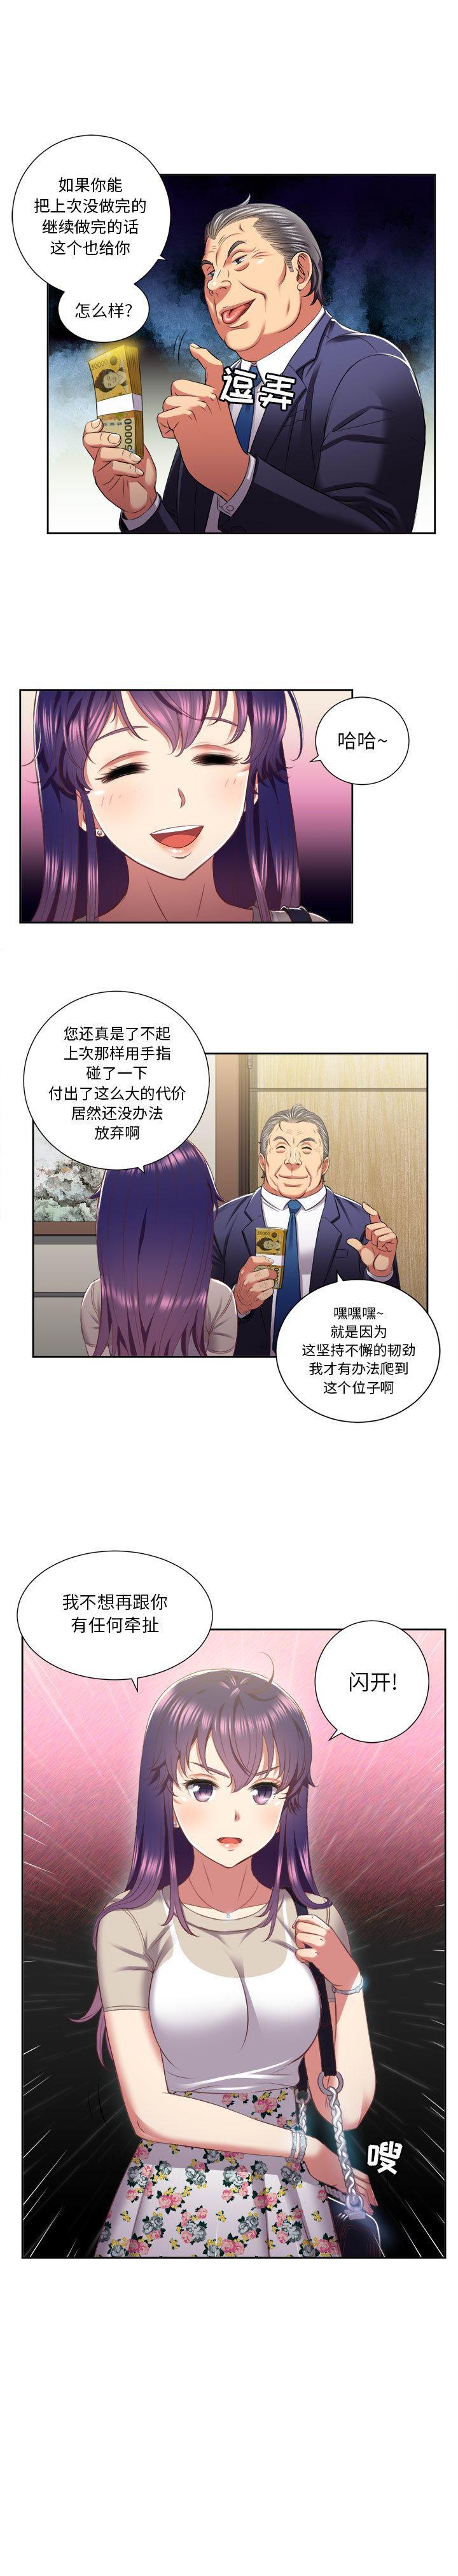 由莉的秘密1-60 中文翻译 (更新中) 148